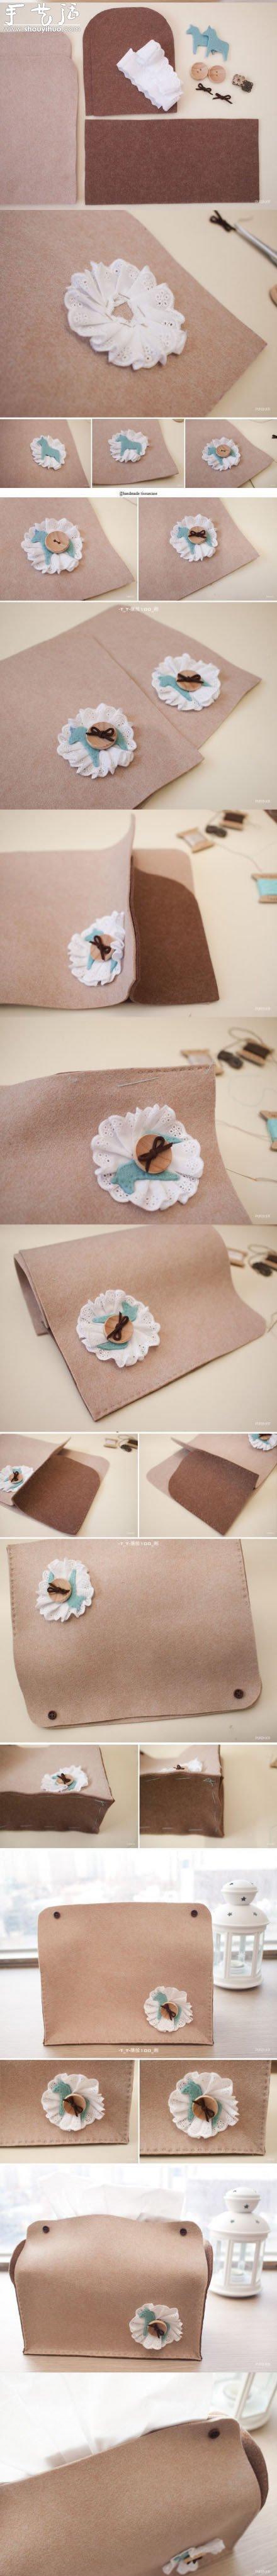 不織布製作優雅女包的布藝教程